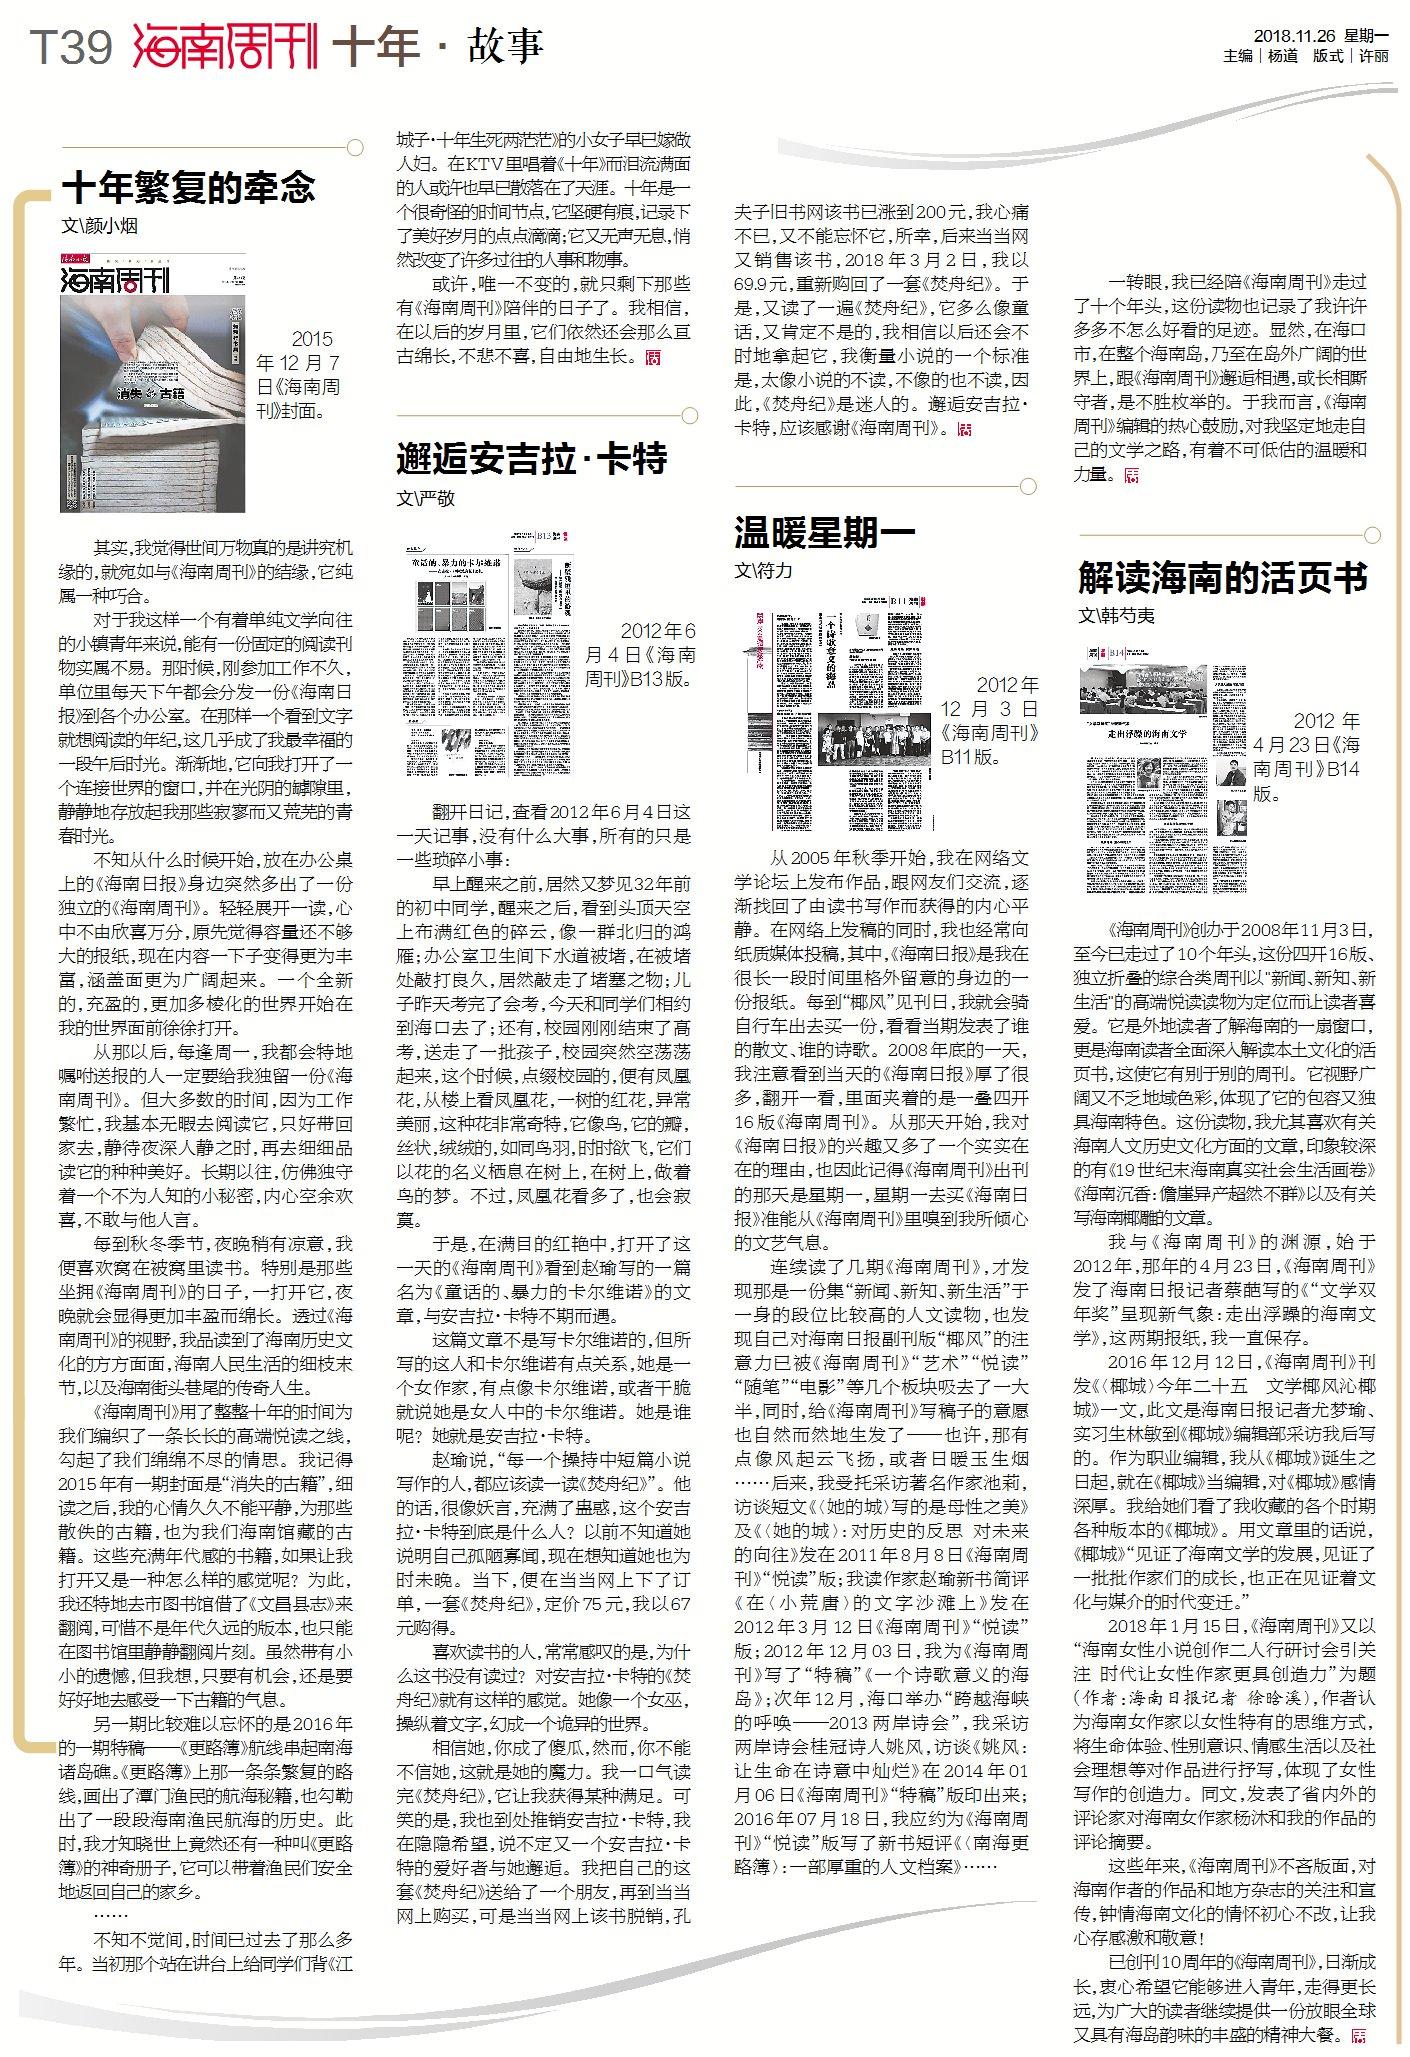 海南周刊十年·故事丨十年繁復的牽念